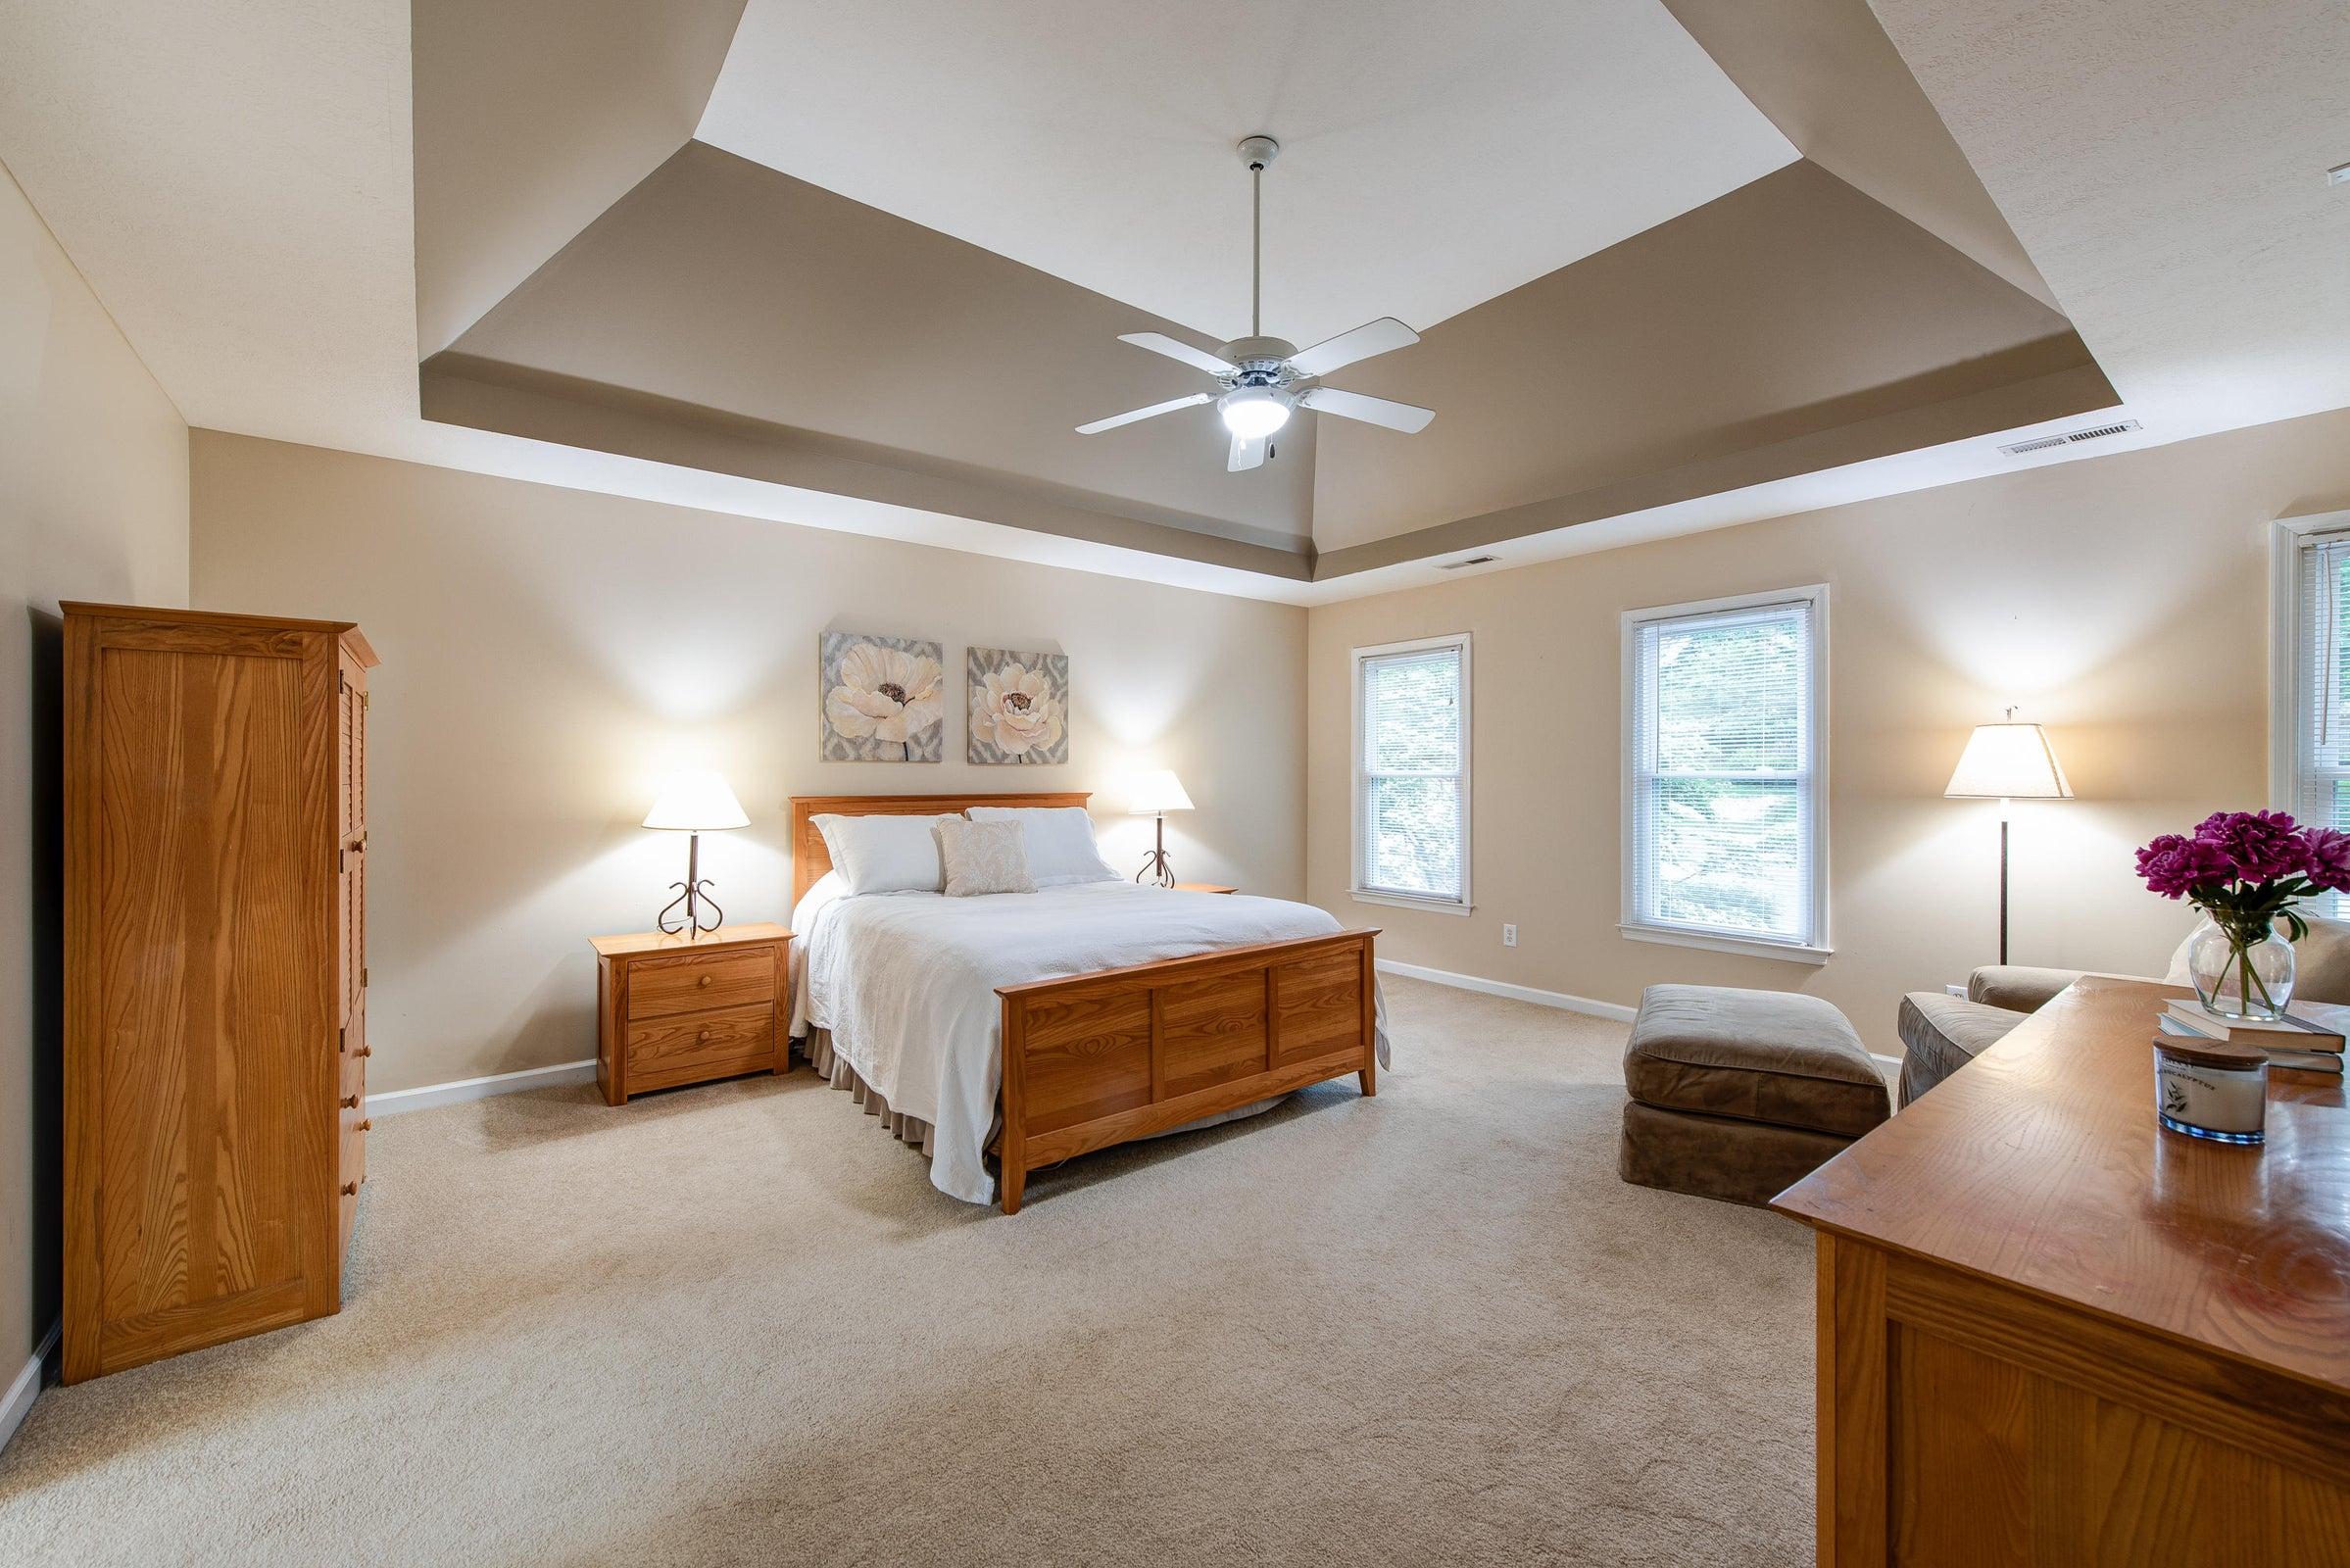 2nd floor - master bedroom 2